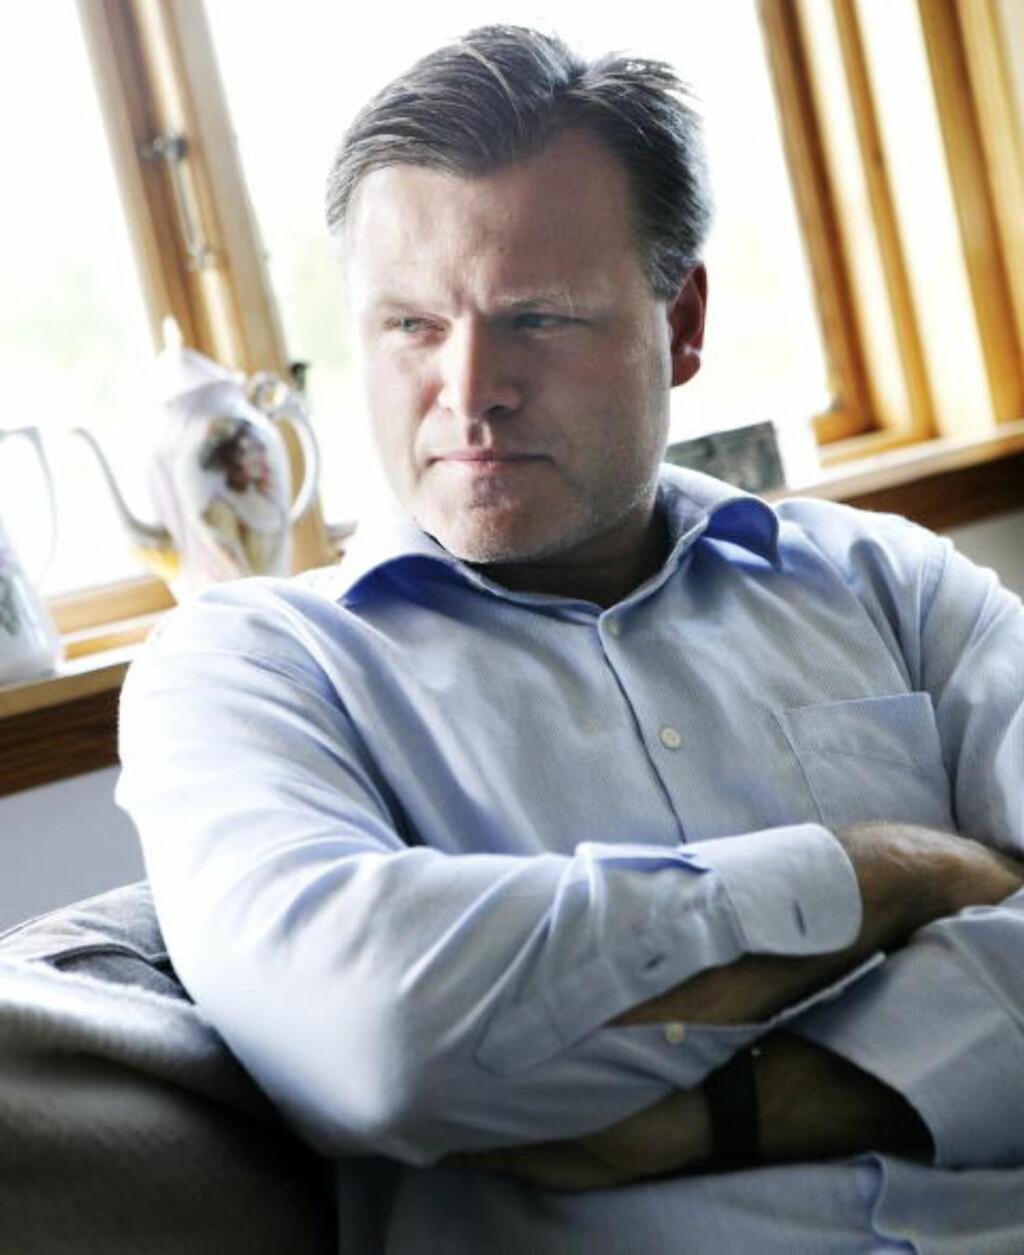 UTFORDRER NORGE: Jurist og menneskerettighetsaktivist Marius Reikerås har fått en norsk barnevernsak gjennom nåløyet i Den europeiske menneskerettighetsdomstolen. Foto: Grete Bro